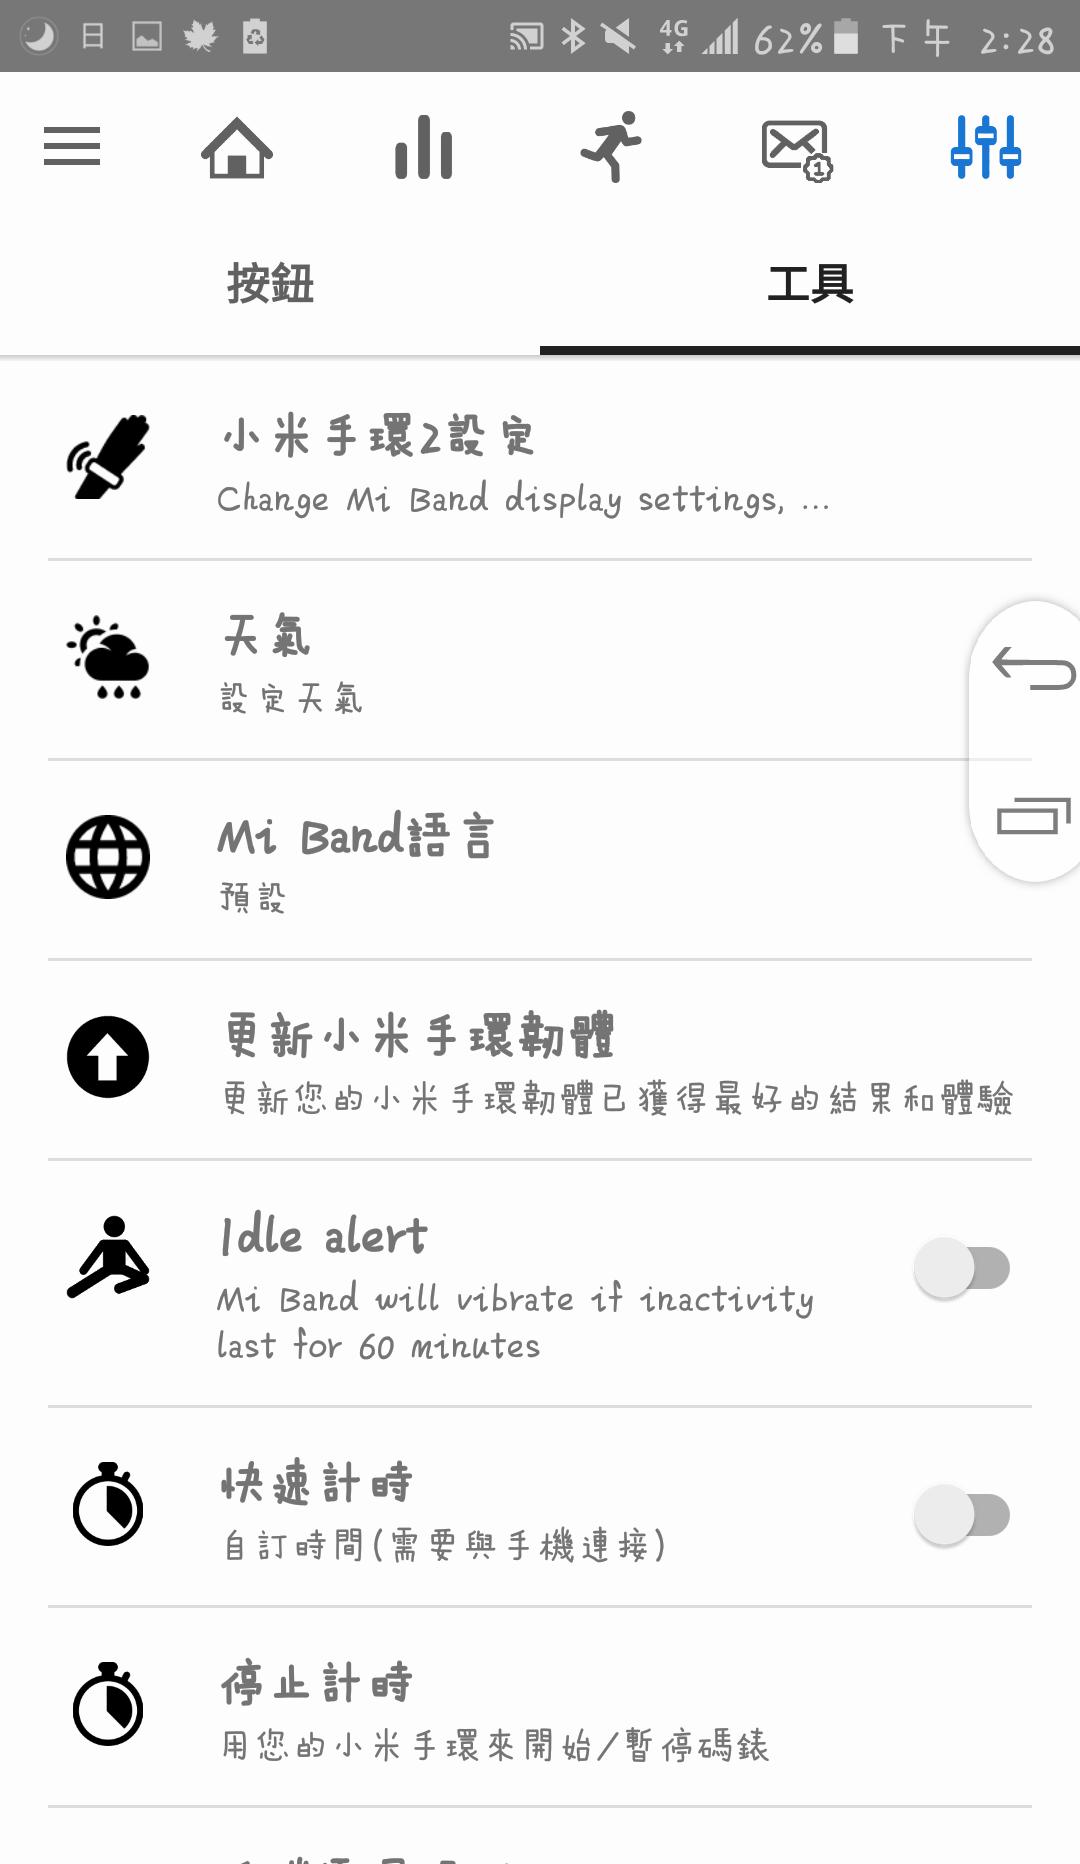 【小米手環】Notify & Fitness for Mi Band Pro v9.6.4 繁體中文專業功能解鎖版 - Android 遊戲.應用下載 - 冰楓論壇 - 綜合 ...